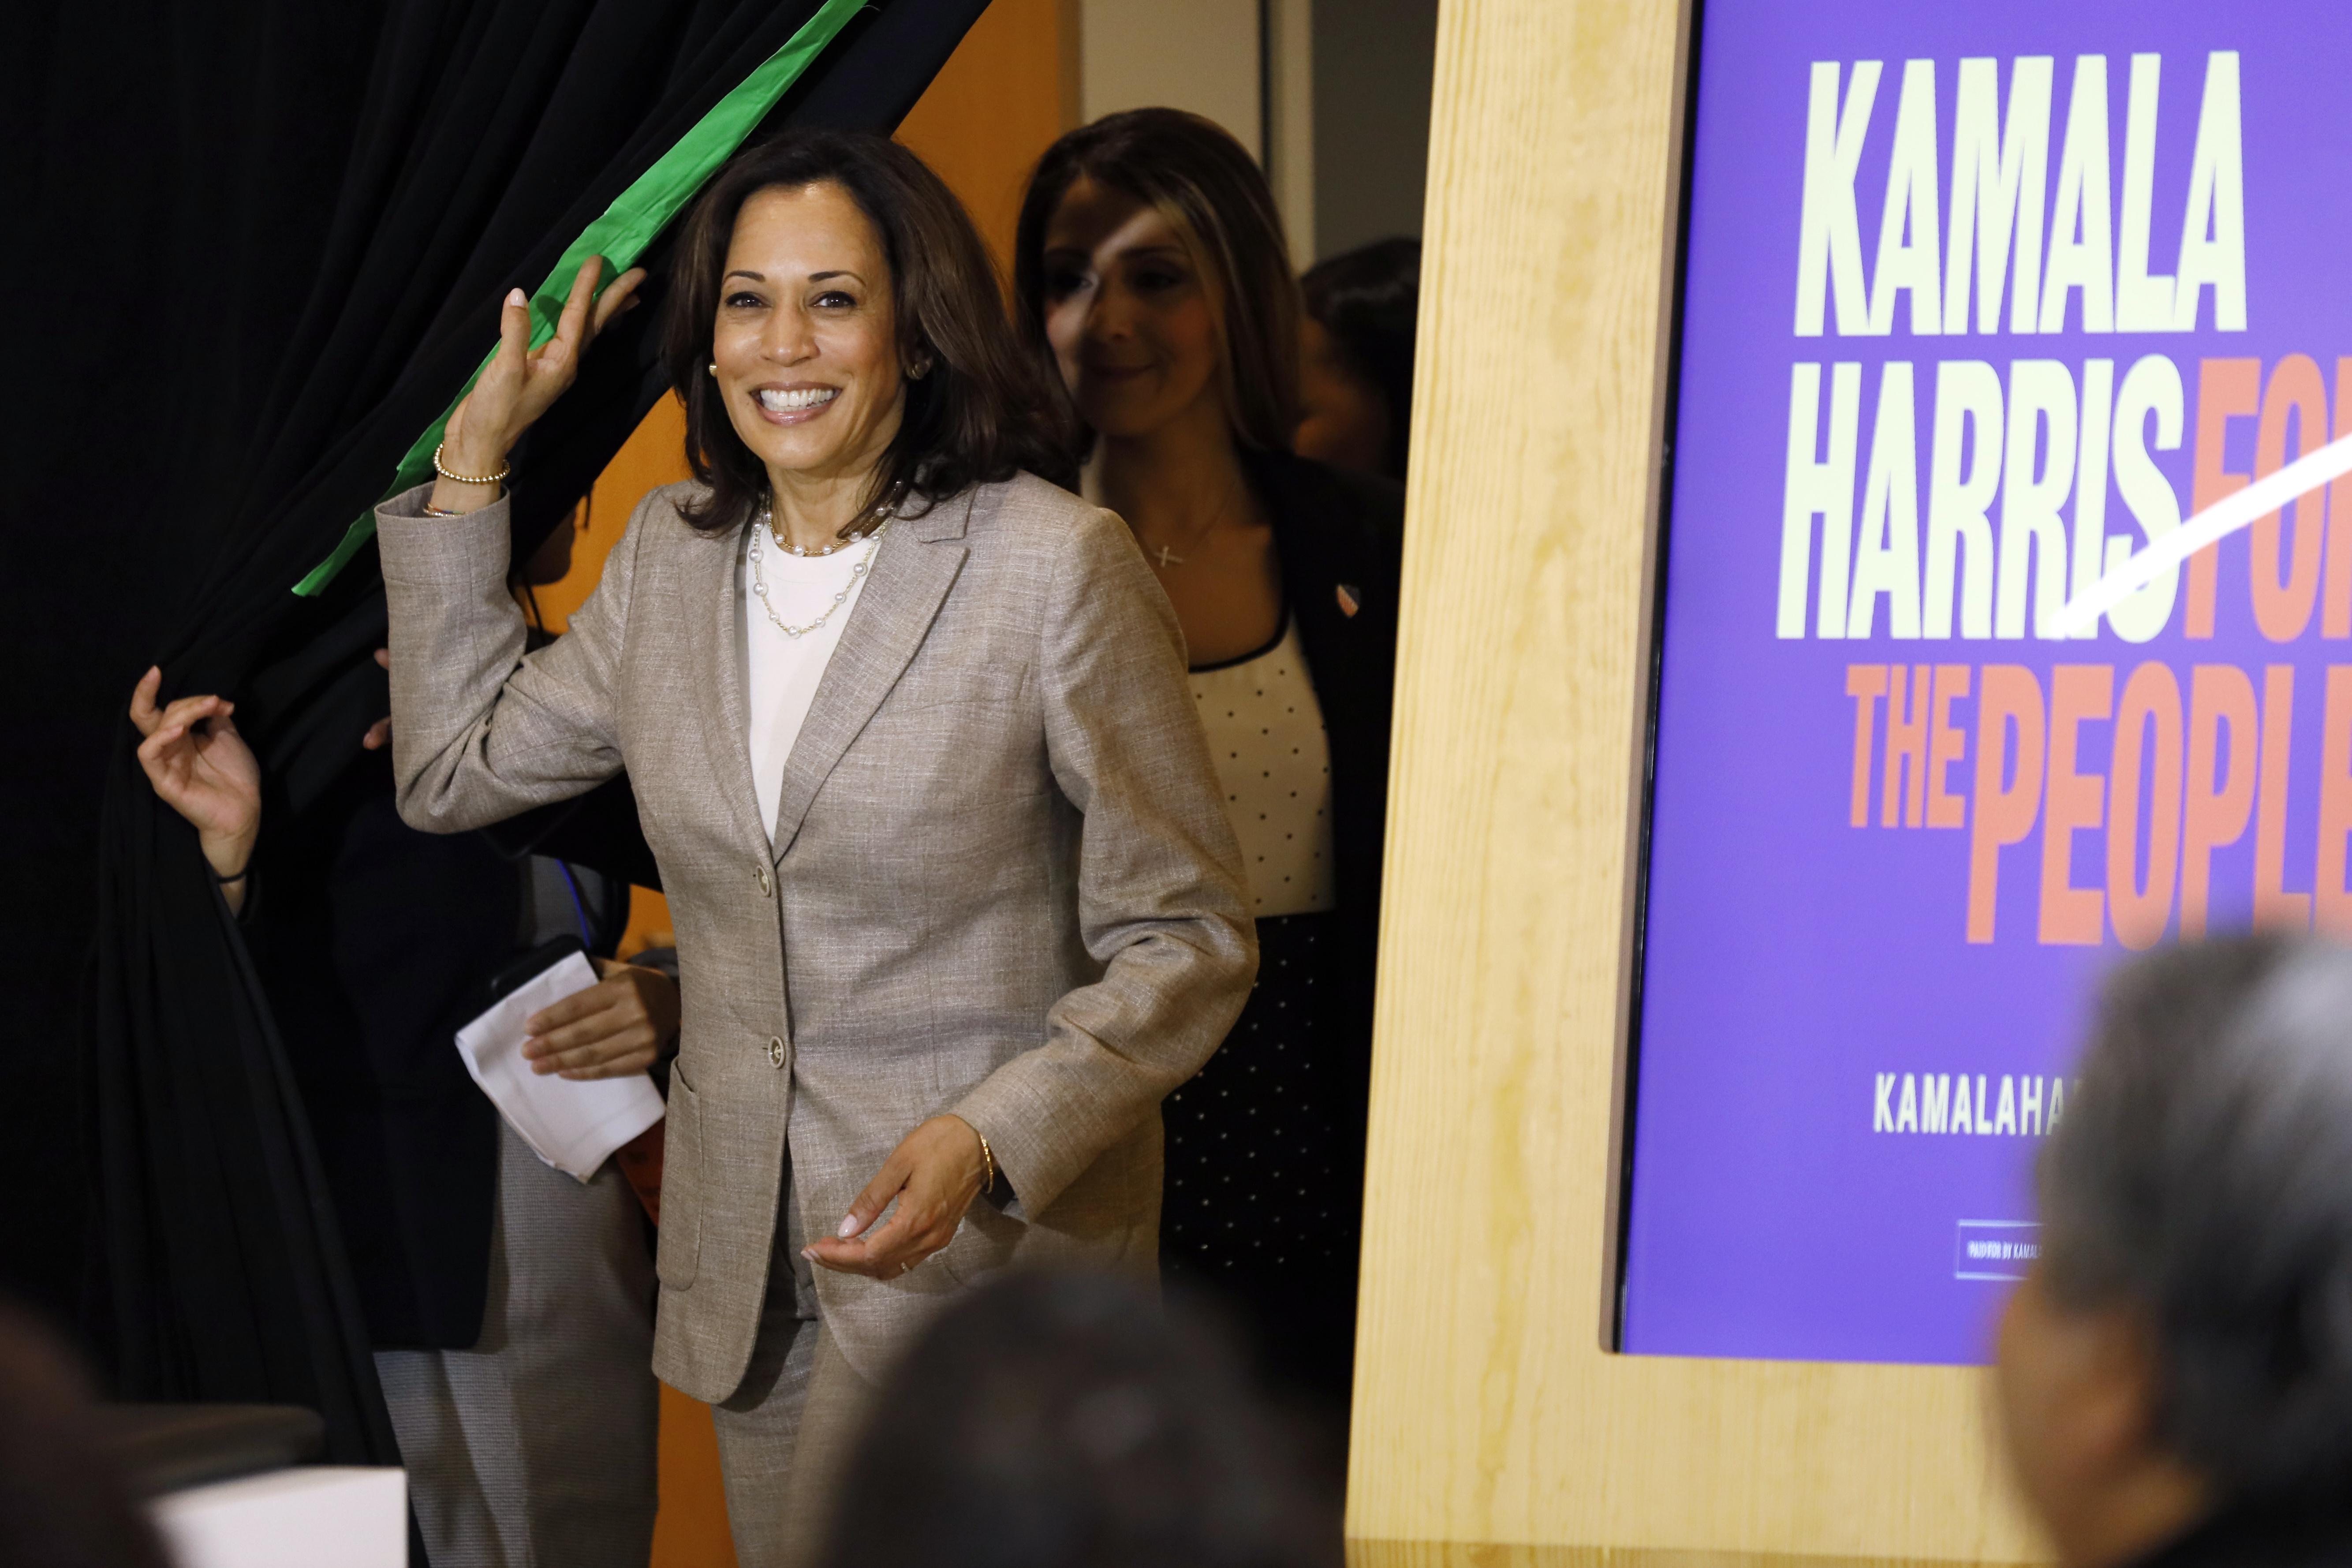 Kamala Harris, Jerry Nadler introducing bill to decriminalize marijuana